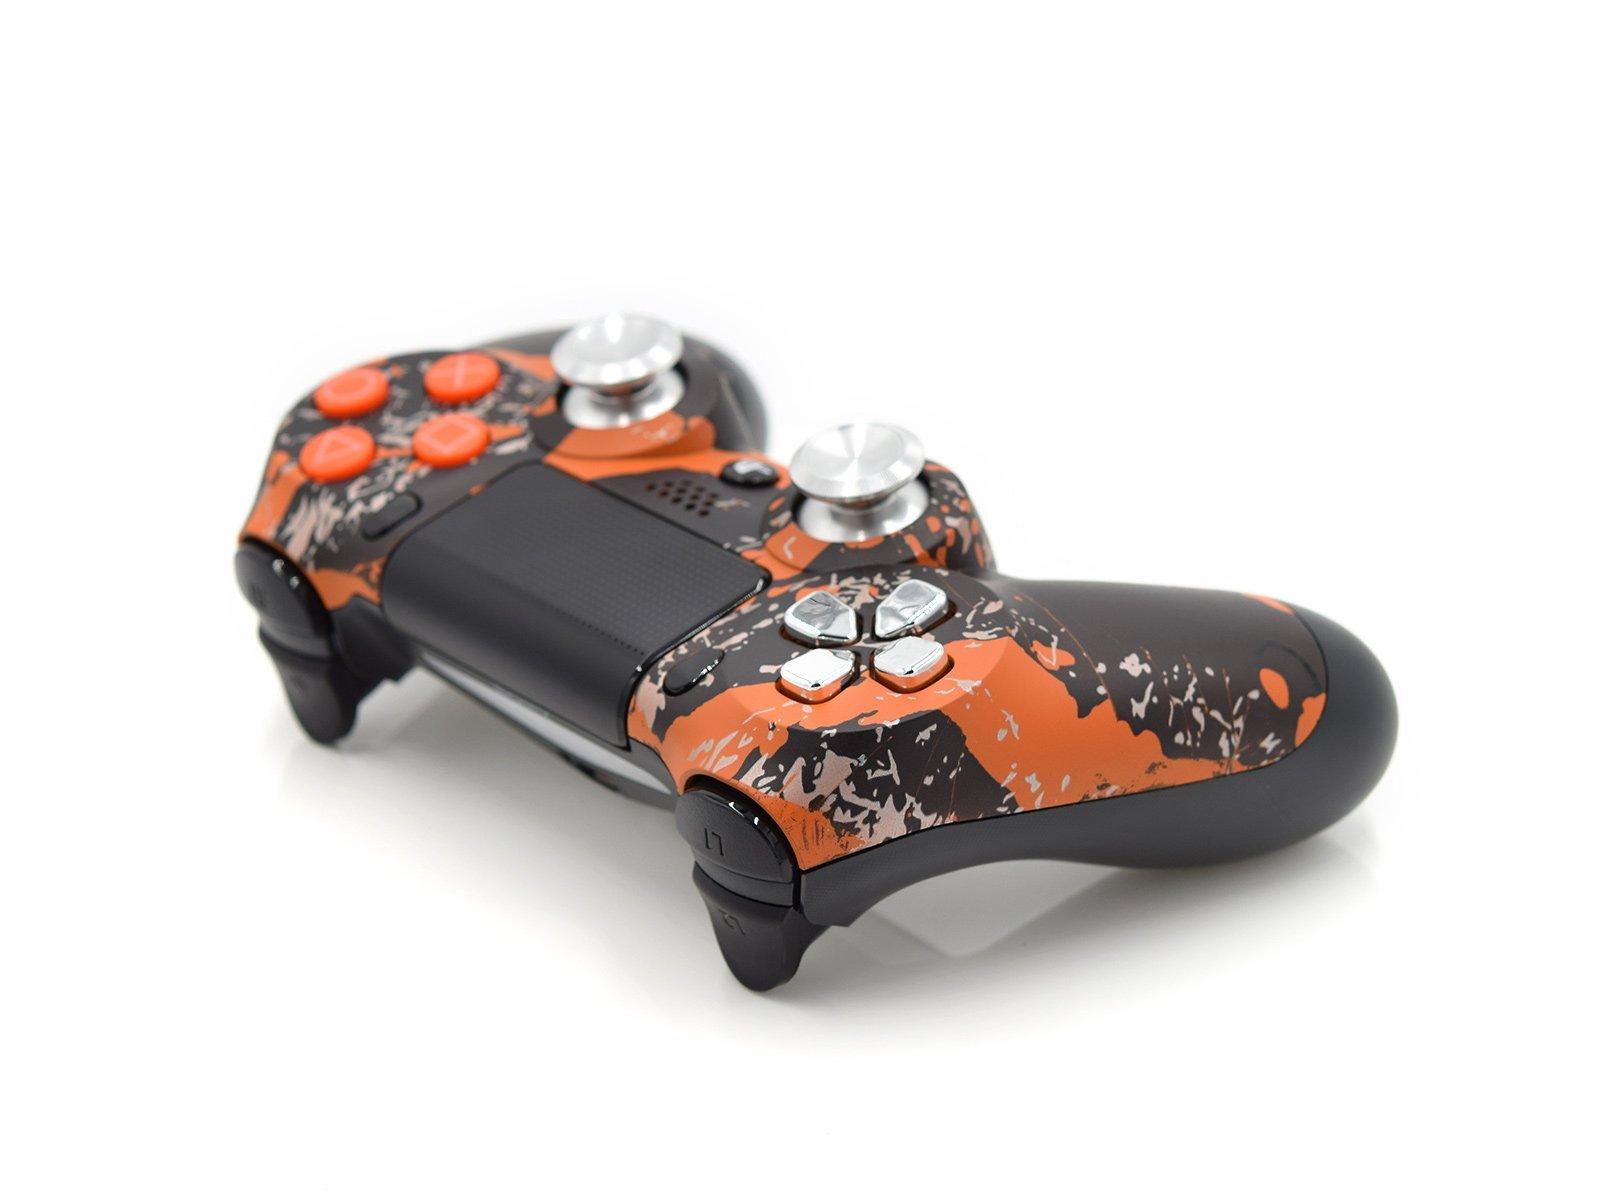 Red Splatter Custom Controller For PS4